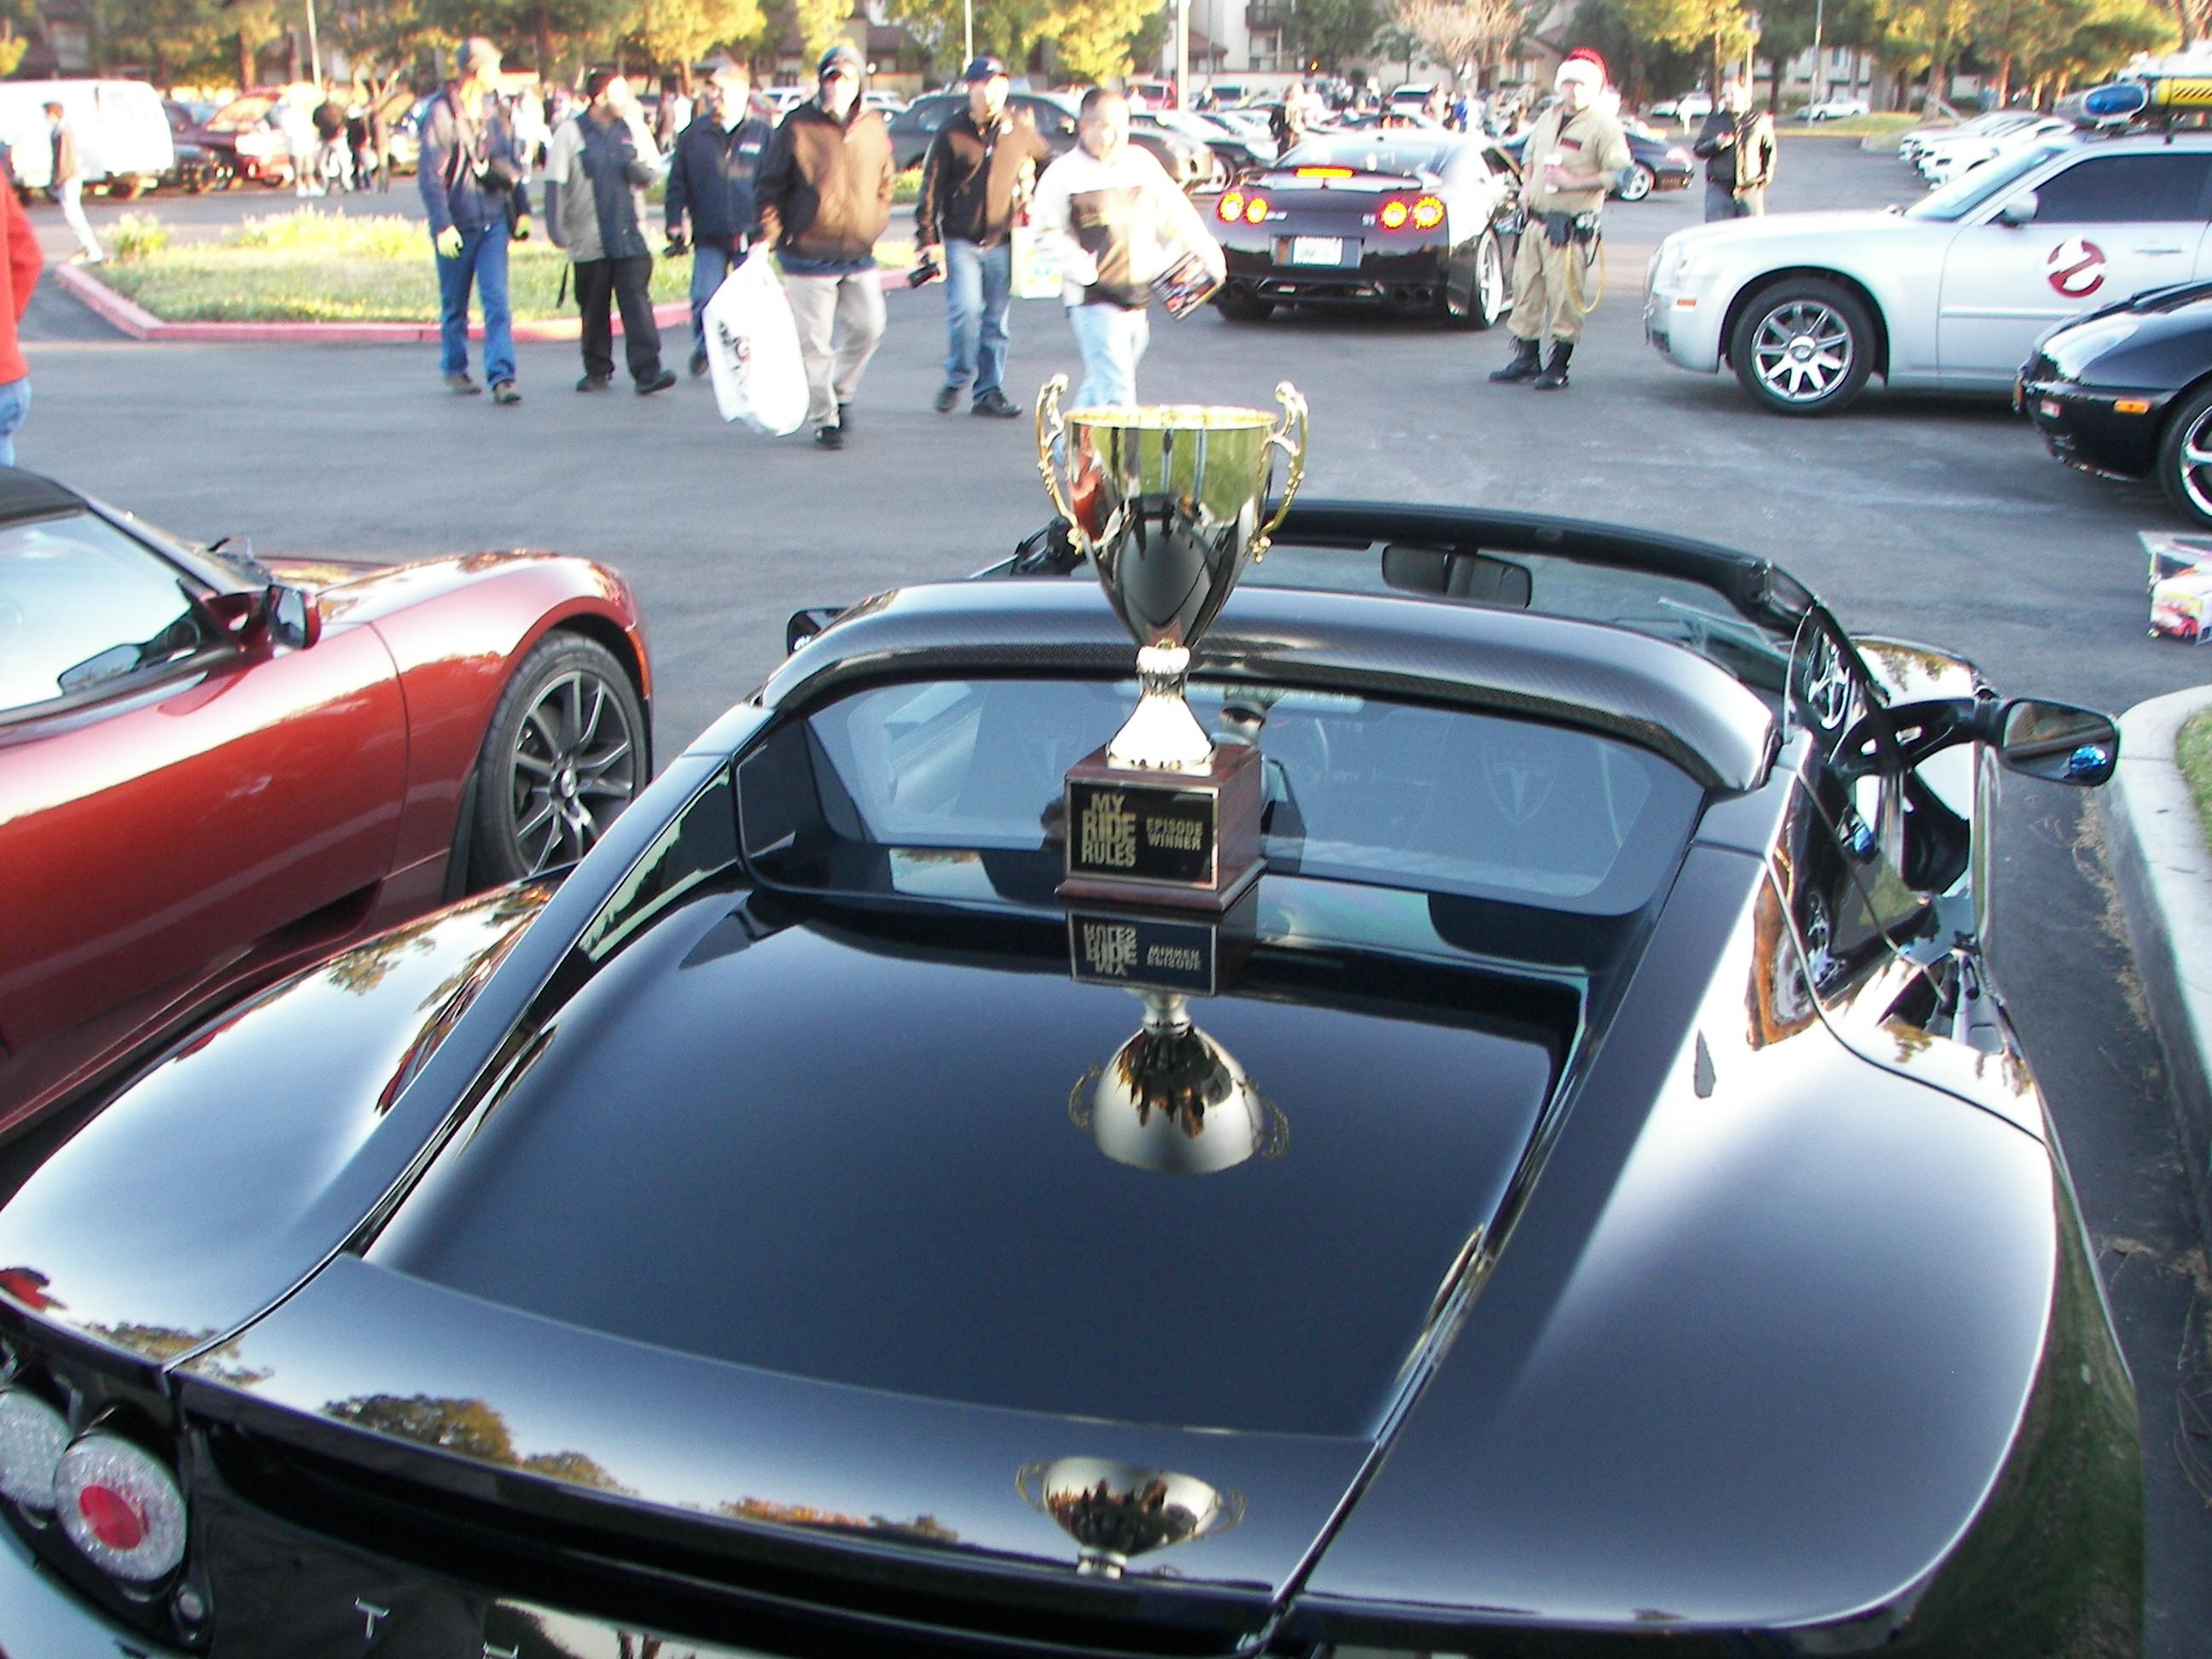 motor-for-toys-car-show-001.jpg